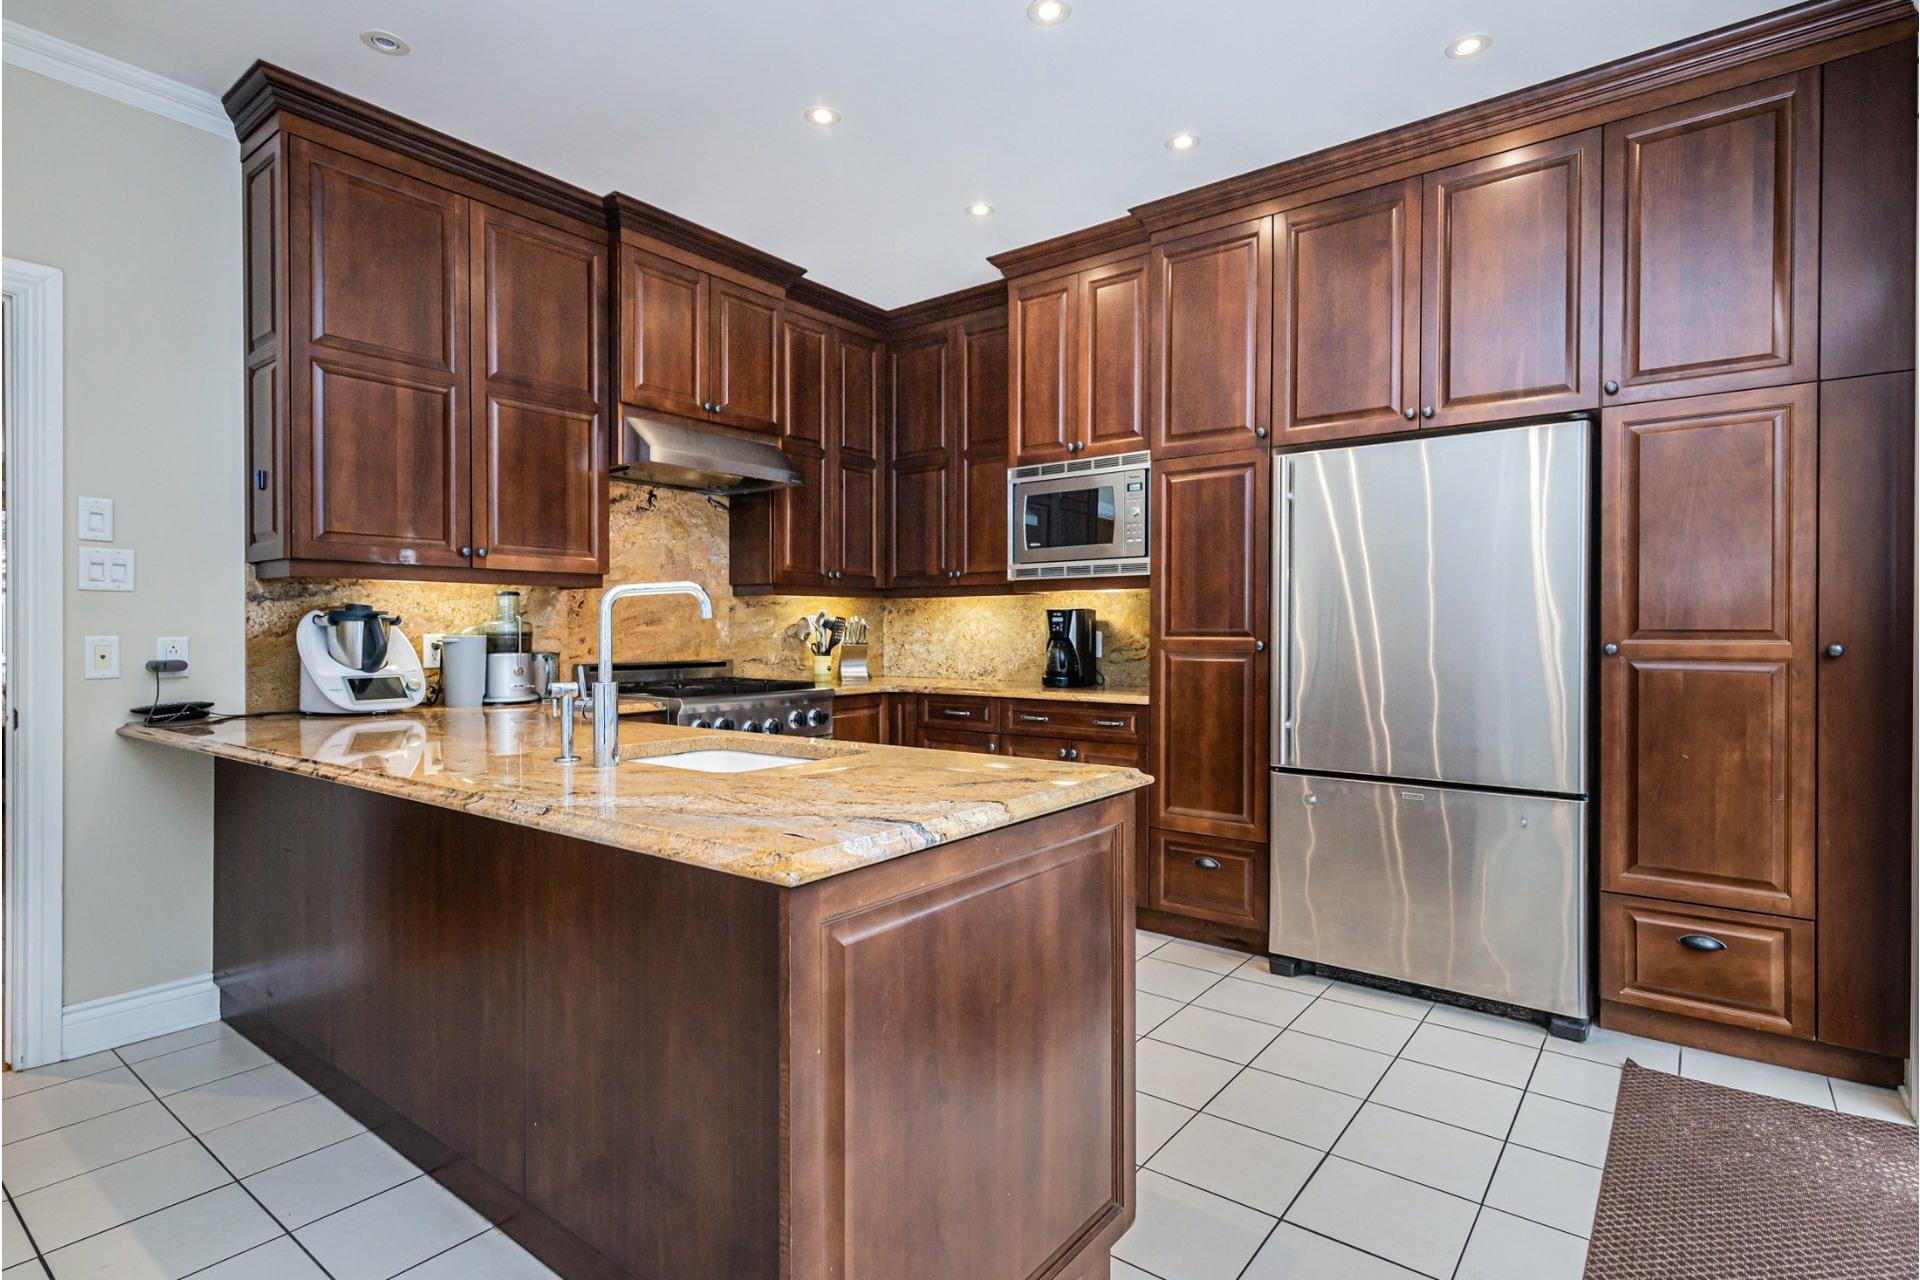 image 8 - House For sale Côte-des-Neiges/Notre-Dame-de-Grâce Montréal  - 11 rooms